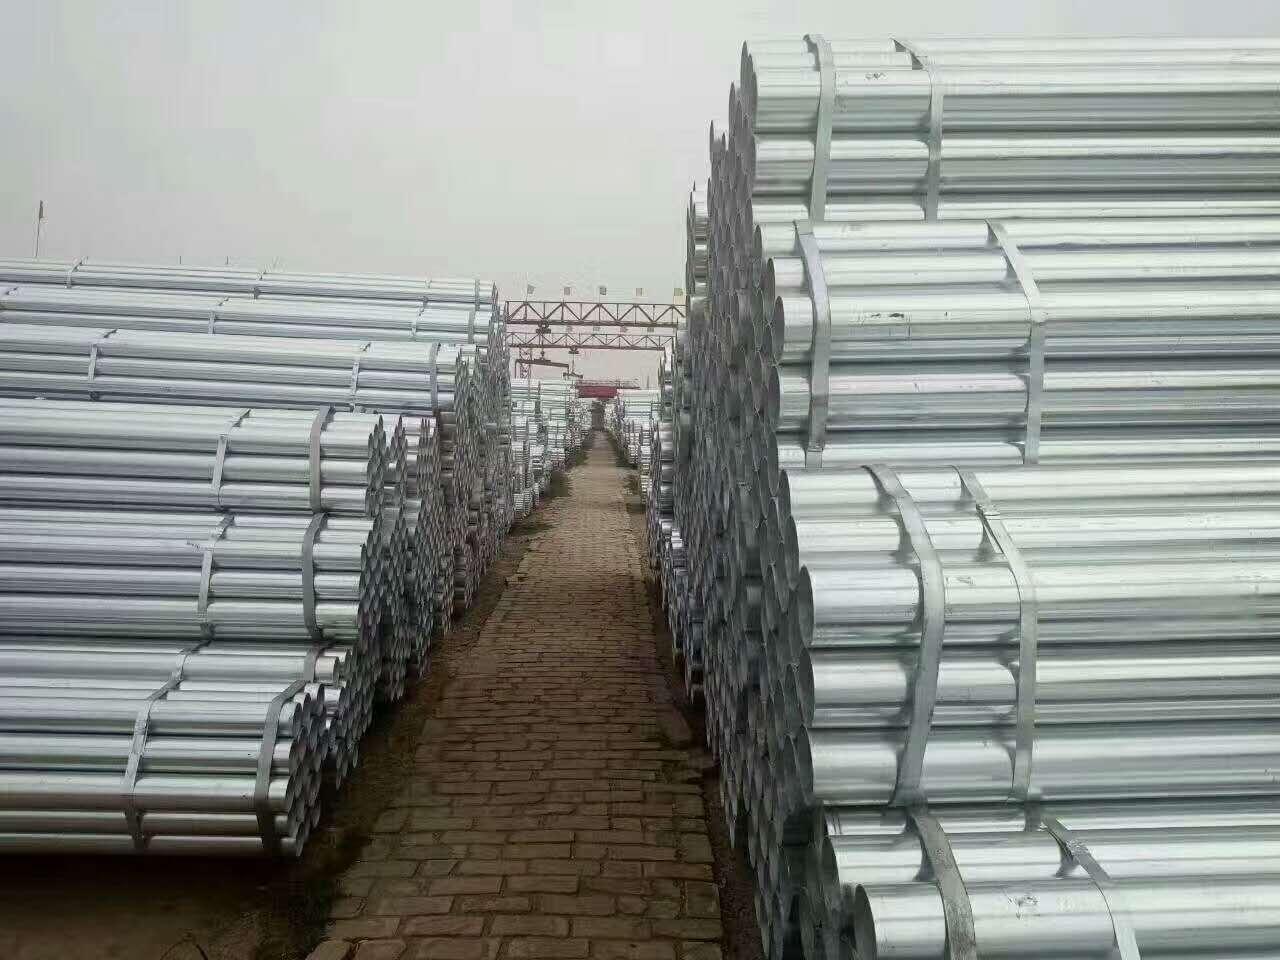 鄂州Q355B镀锌钢管8寸200现货供应价格优惠